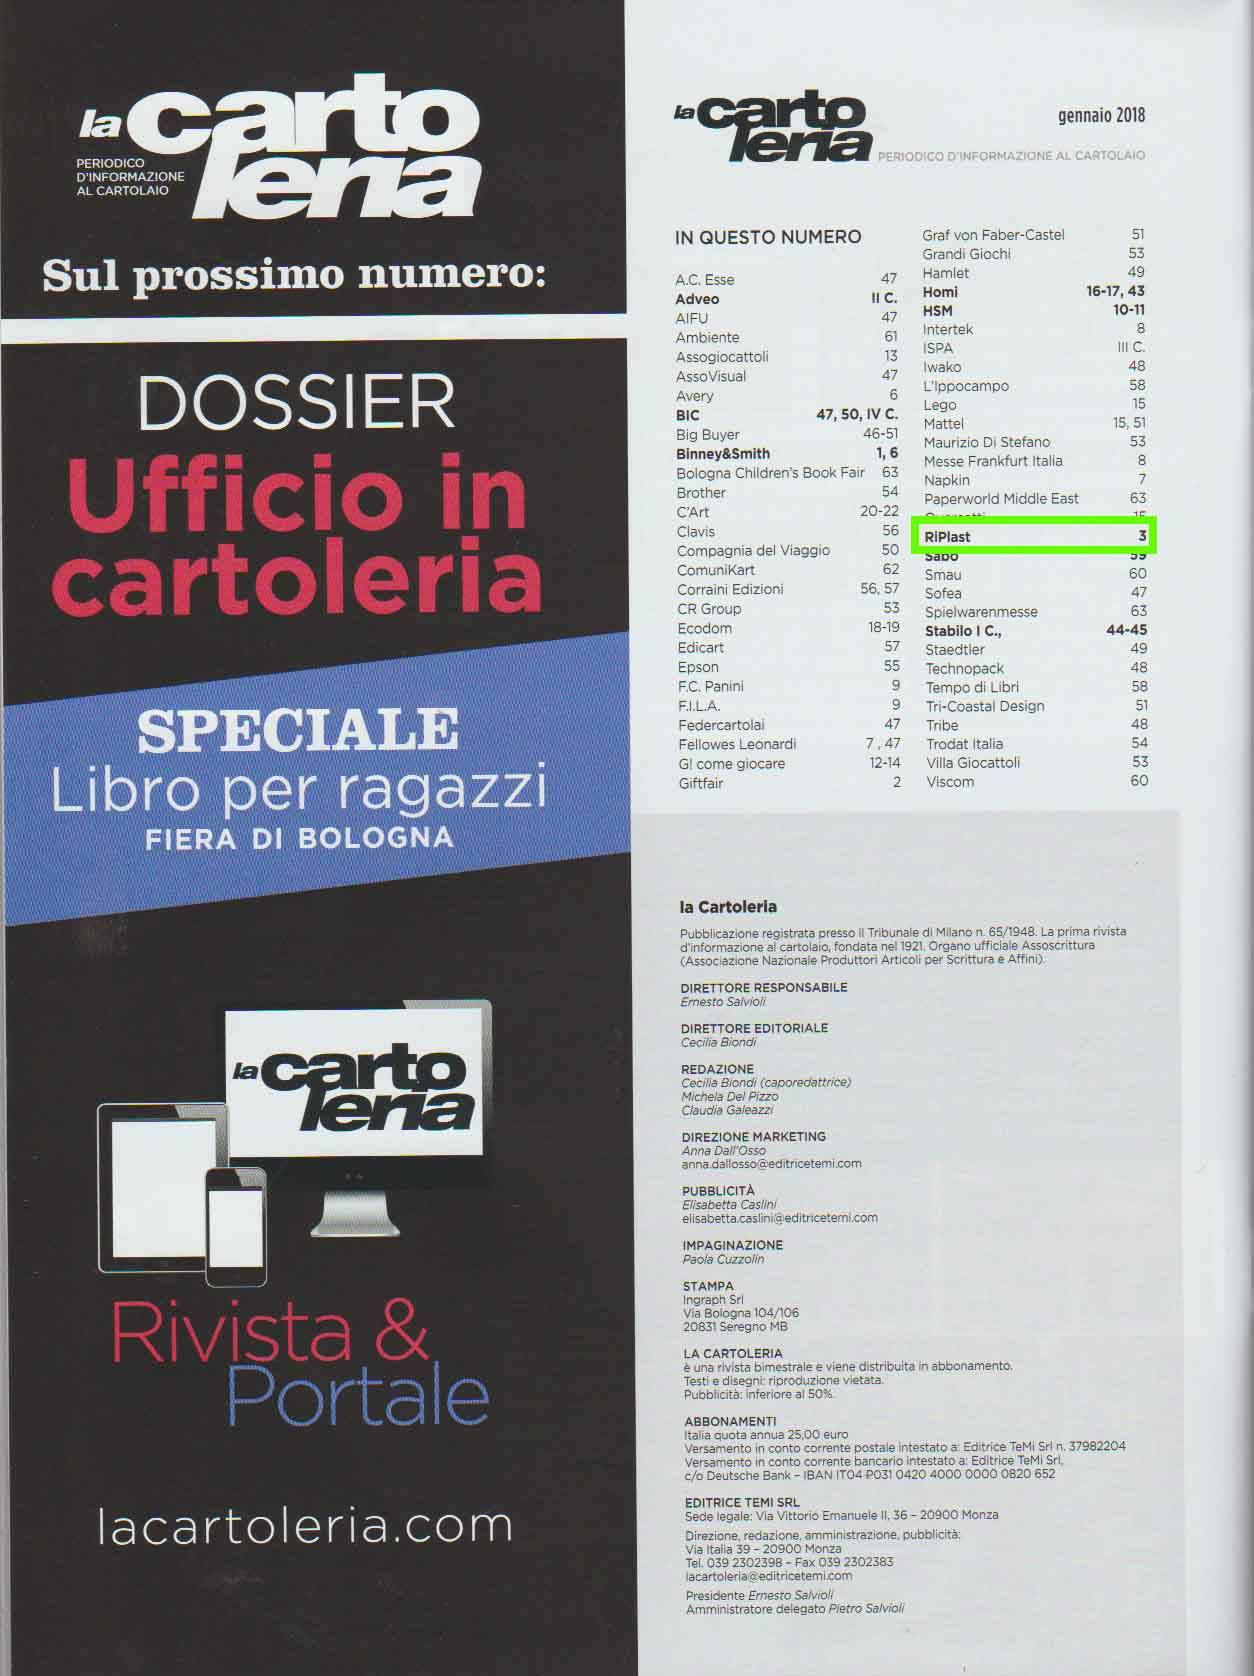 cartoleria2